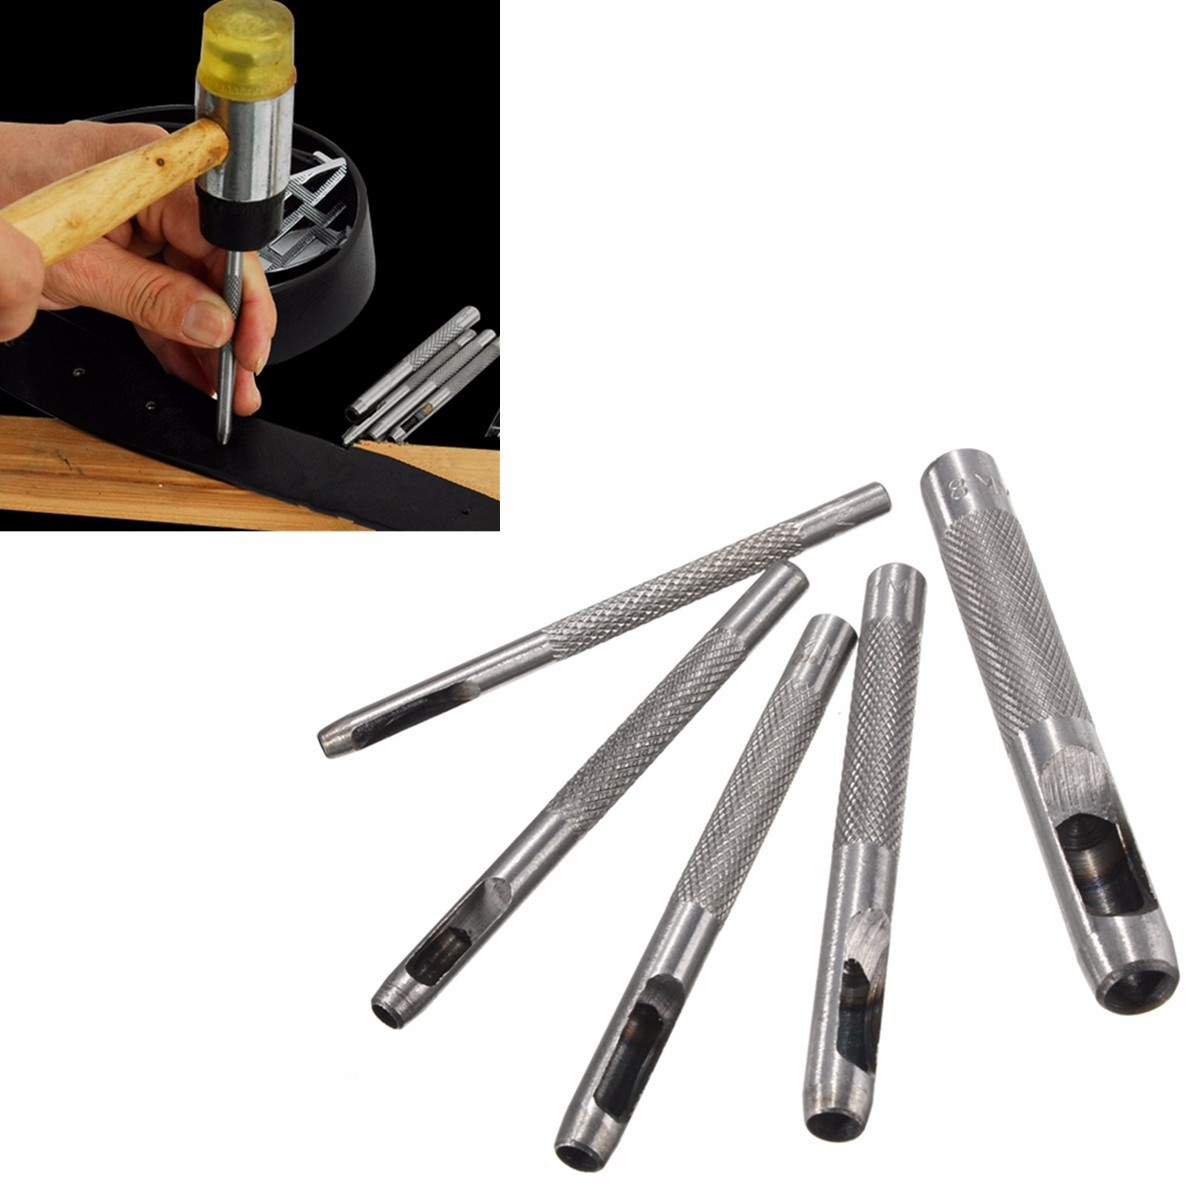 5Pcs Hollow Puncher Set Belt/Leather/Hole Maker/Gasket/Card/Paper/Plastic/Canvas Cut